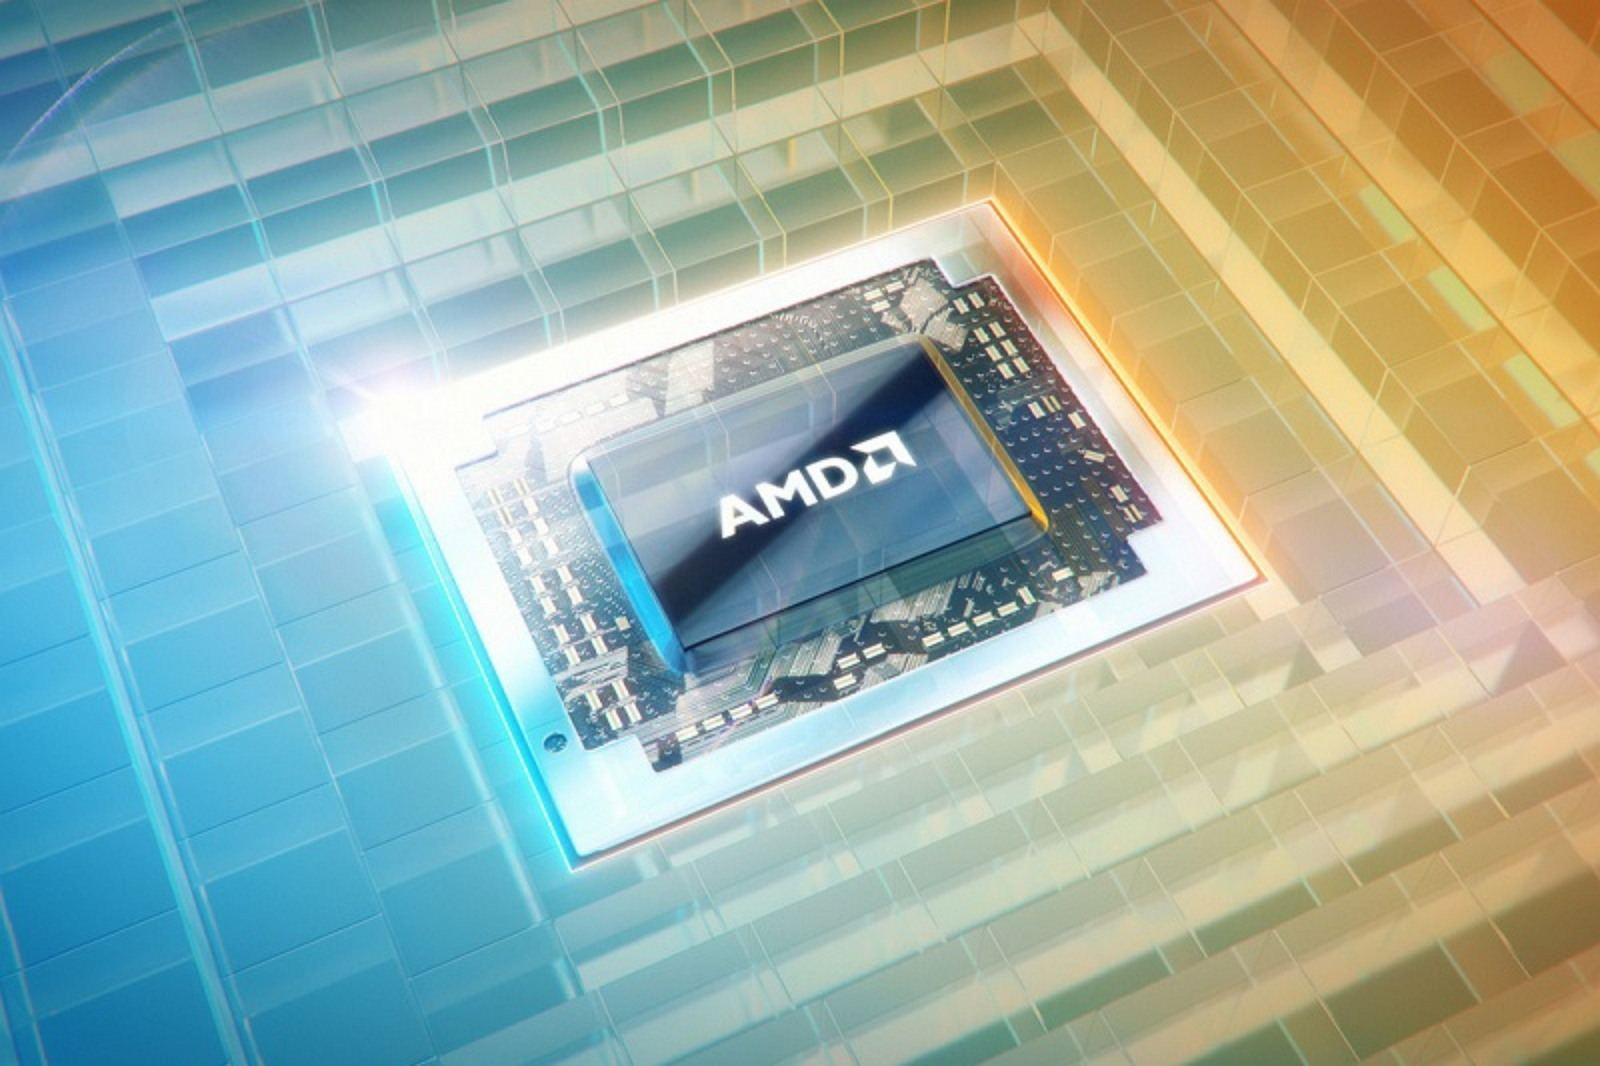 Microsoft e AMD unem forças visando o futuro dos jogos online